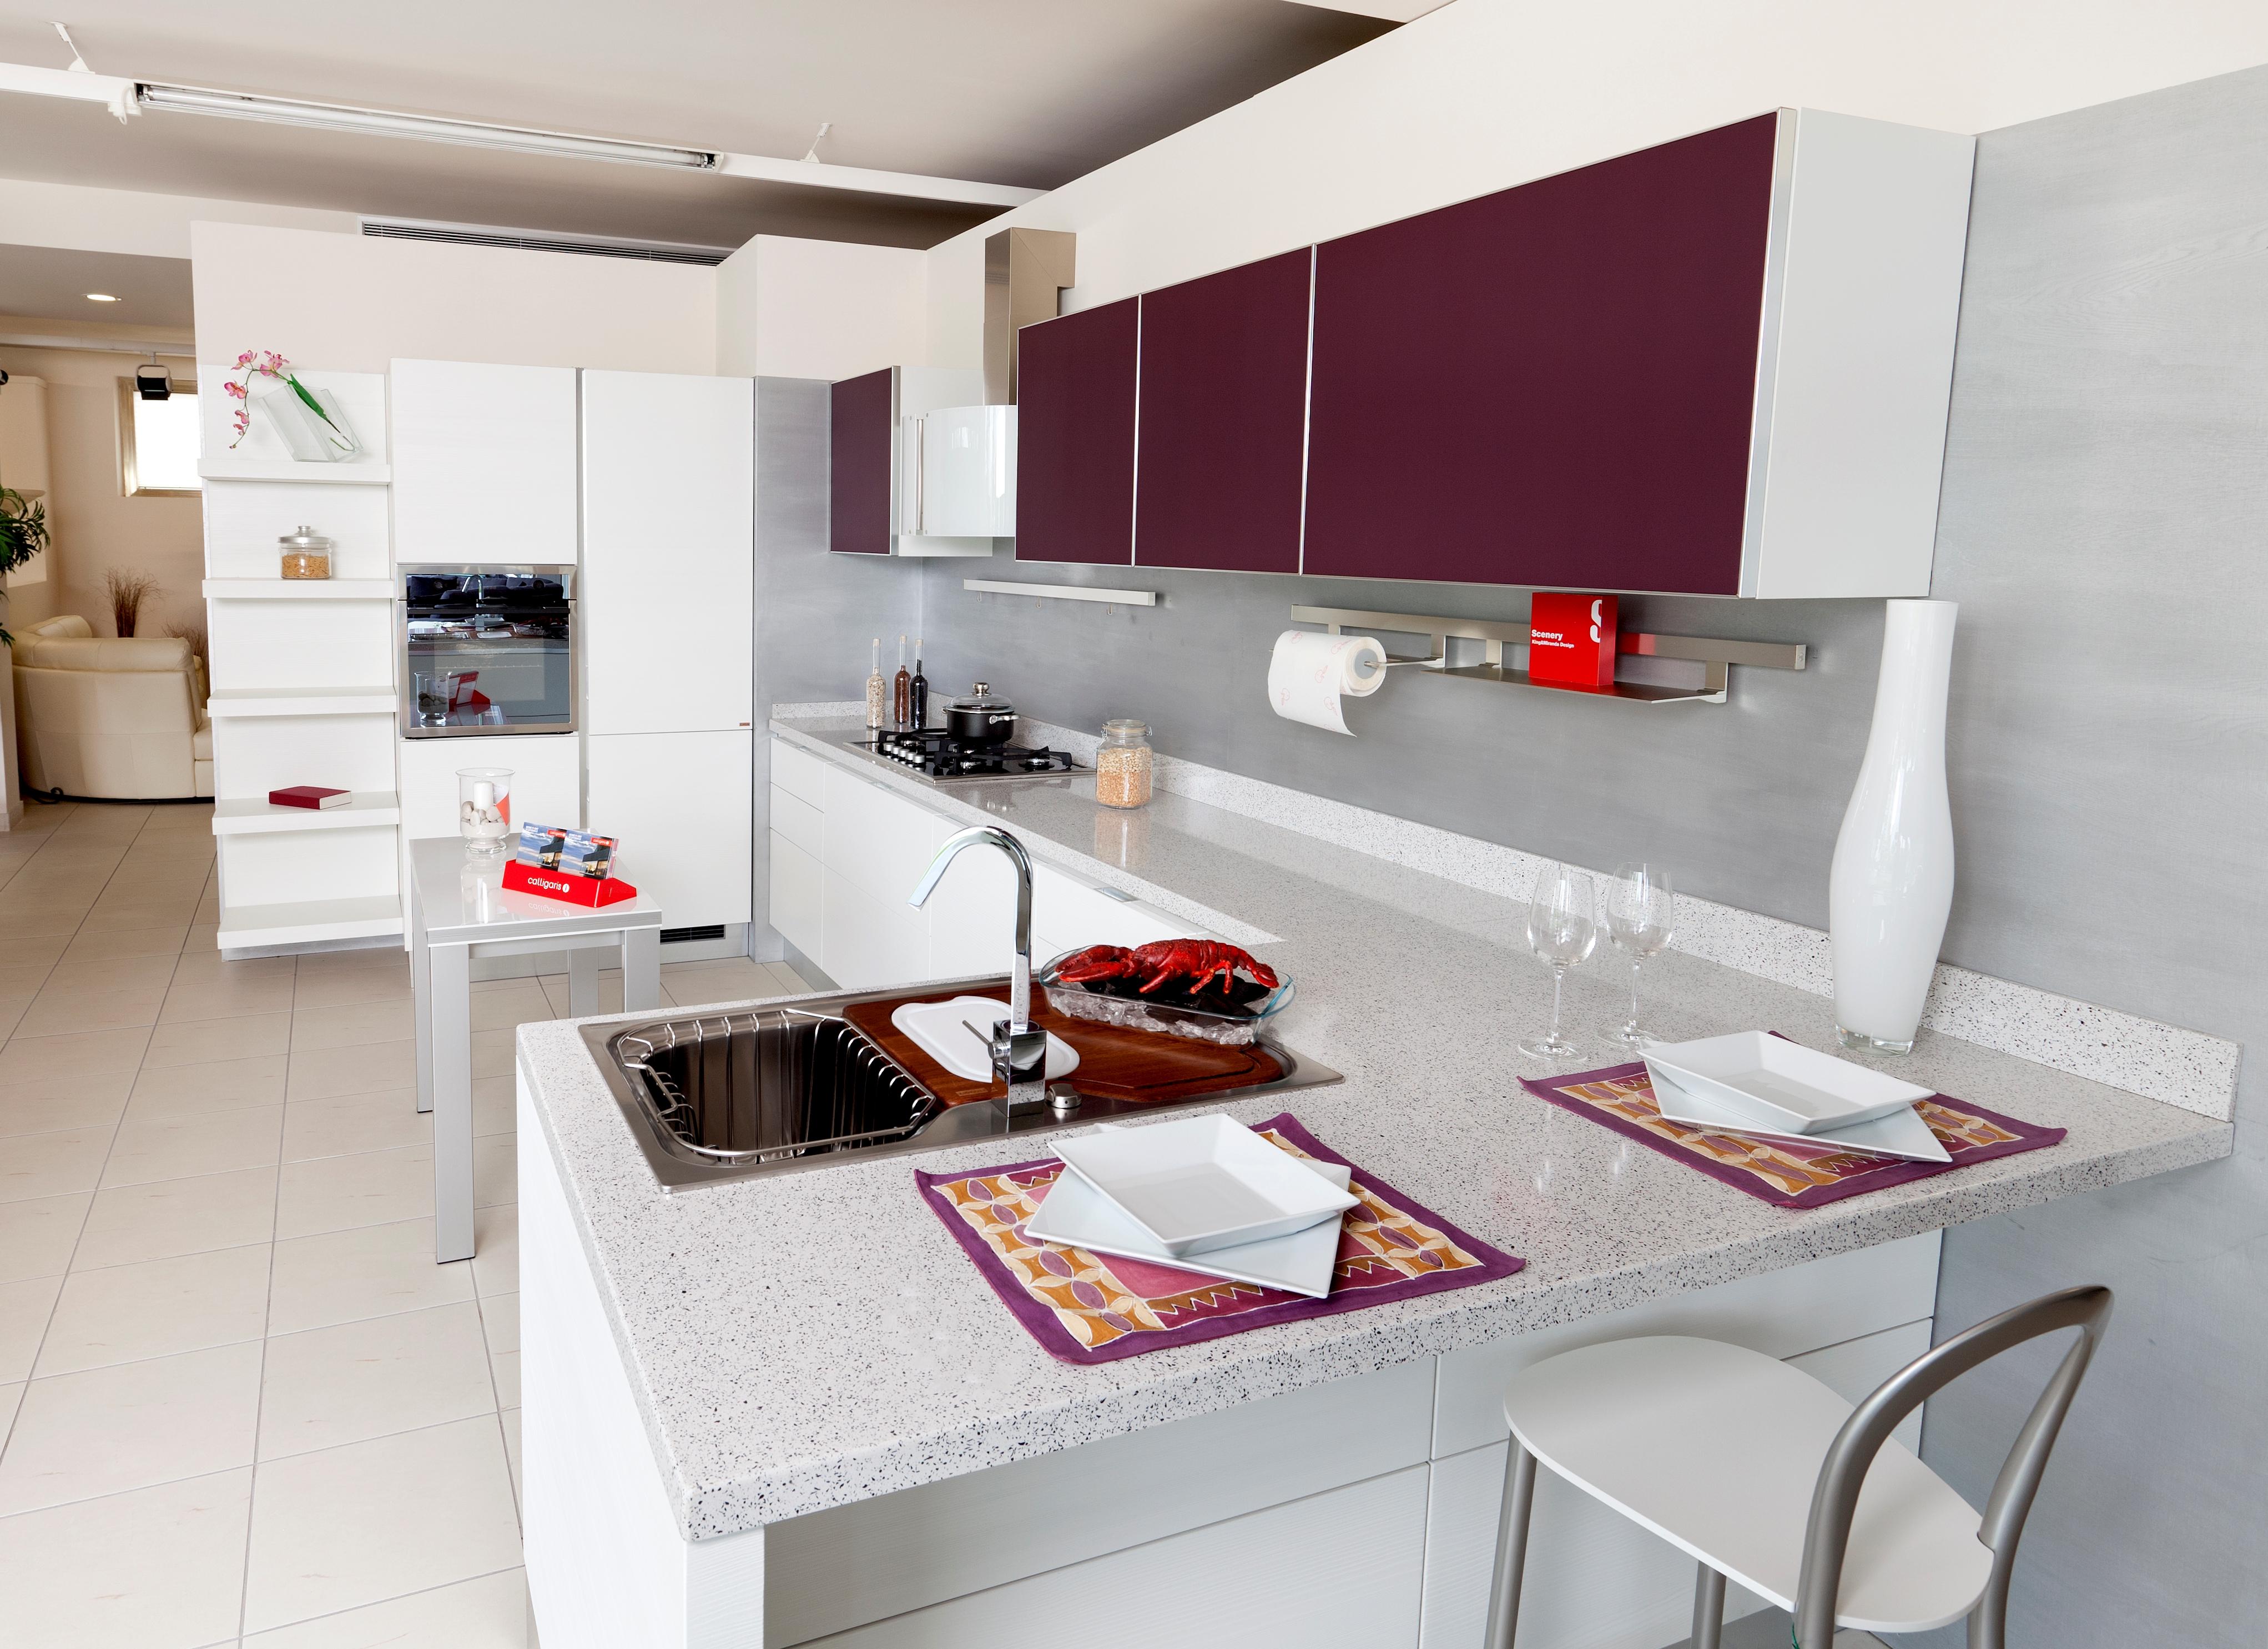 Cucina scavolini offerta 14427 cucine a prezzi scontati for Cucine scavolini prezzi